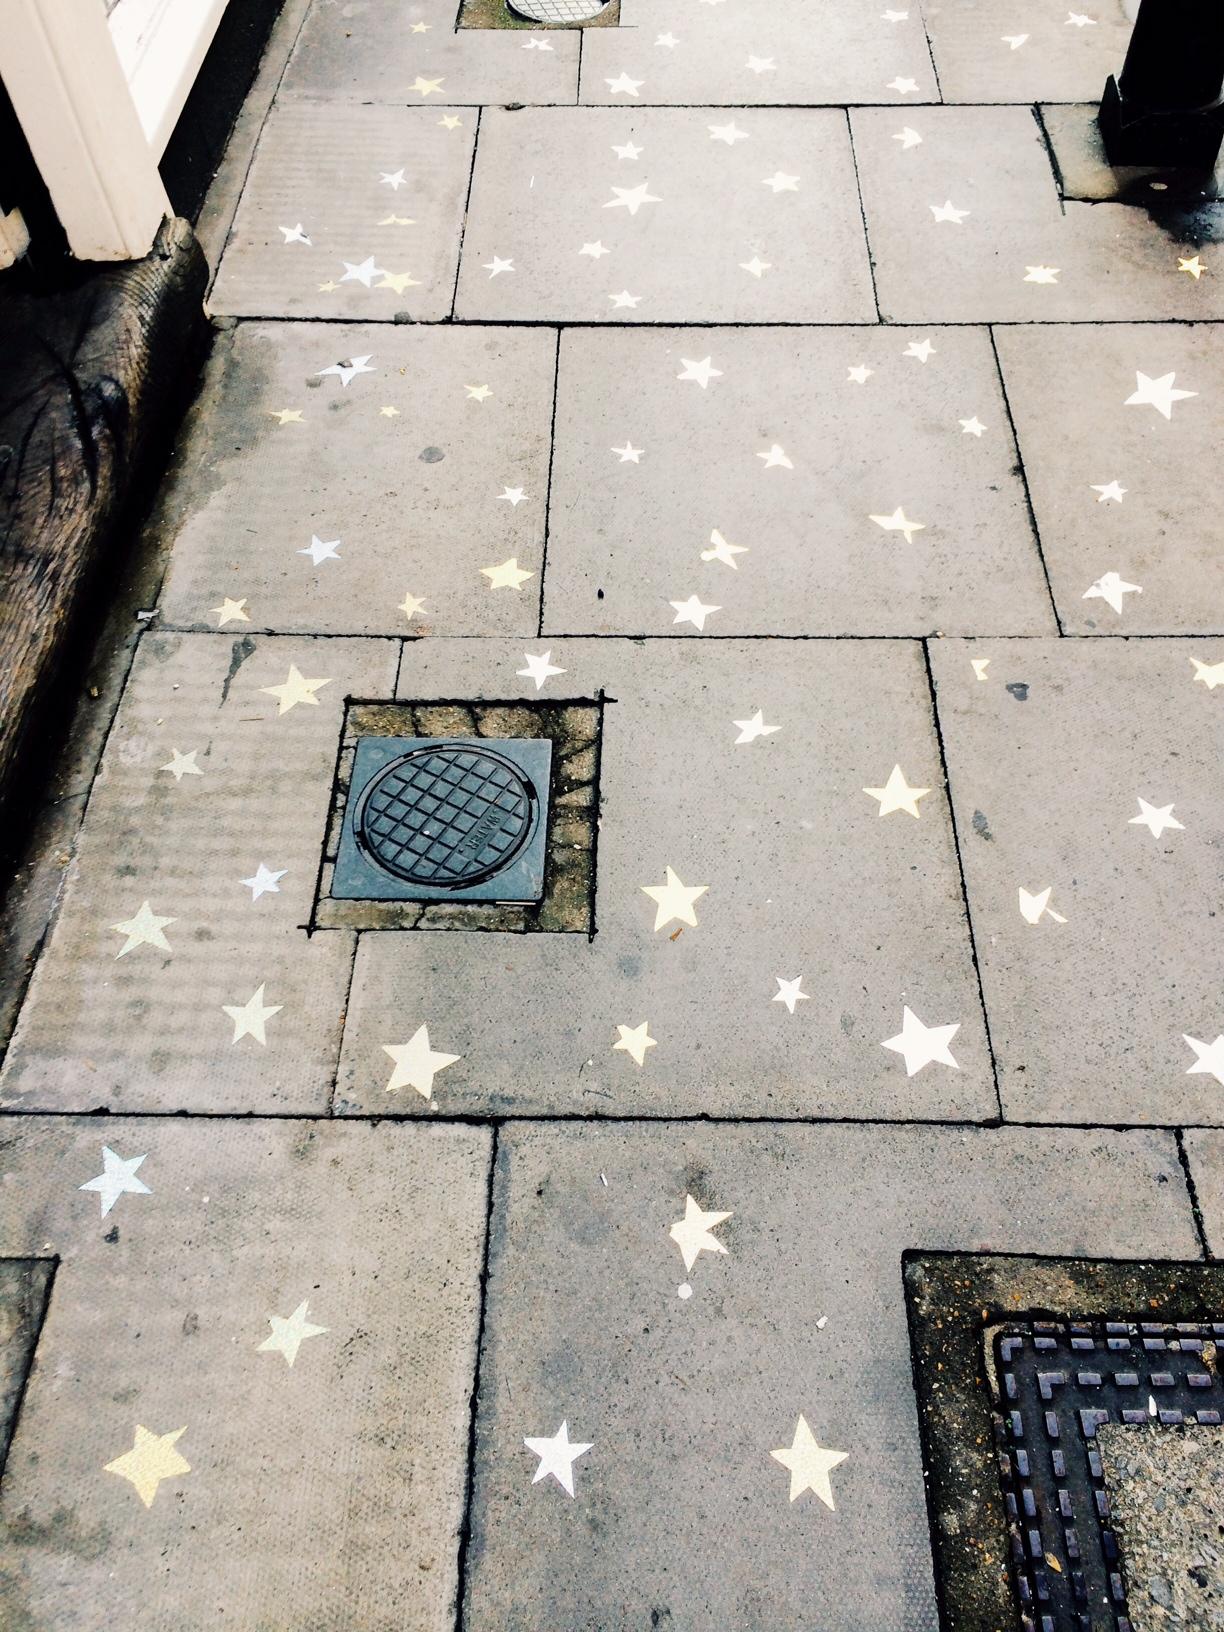 street full of stars